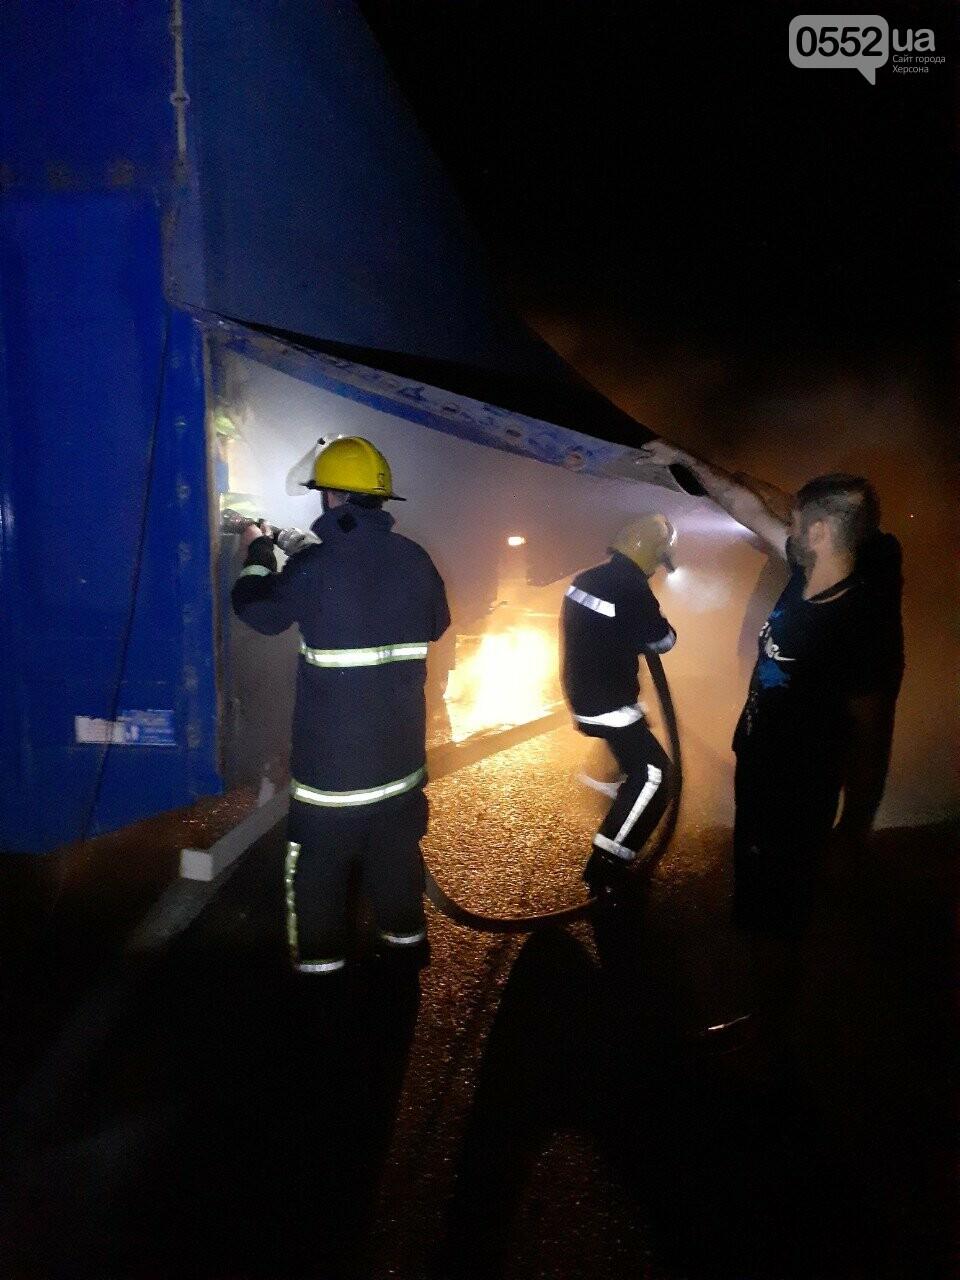 На Херсонщине фура с арбузами вспыхнула, словно спичка: пожар из-за самовозгорания соломы, фото-8